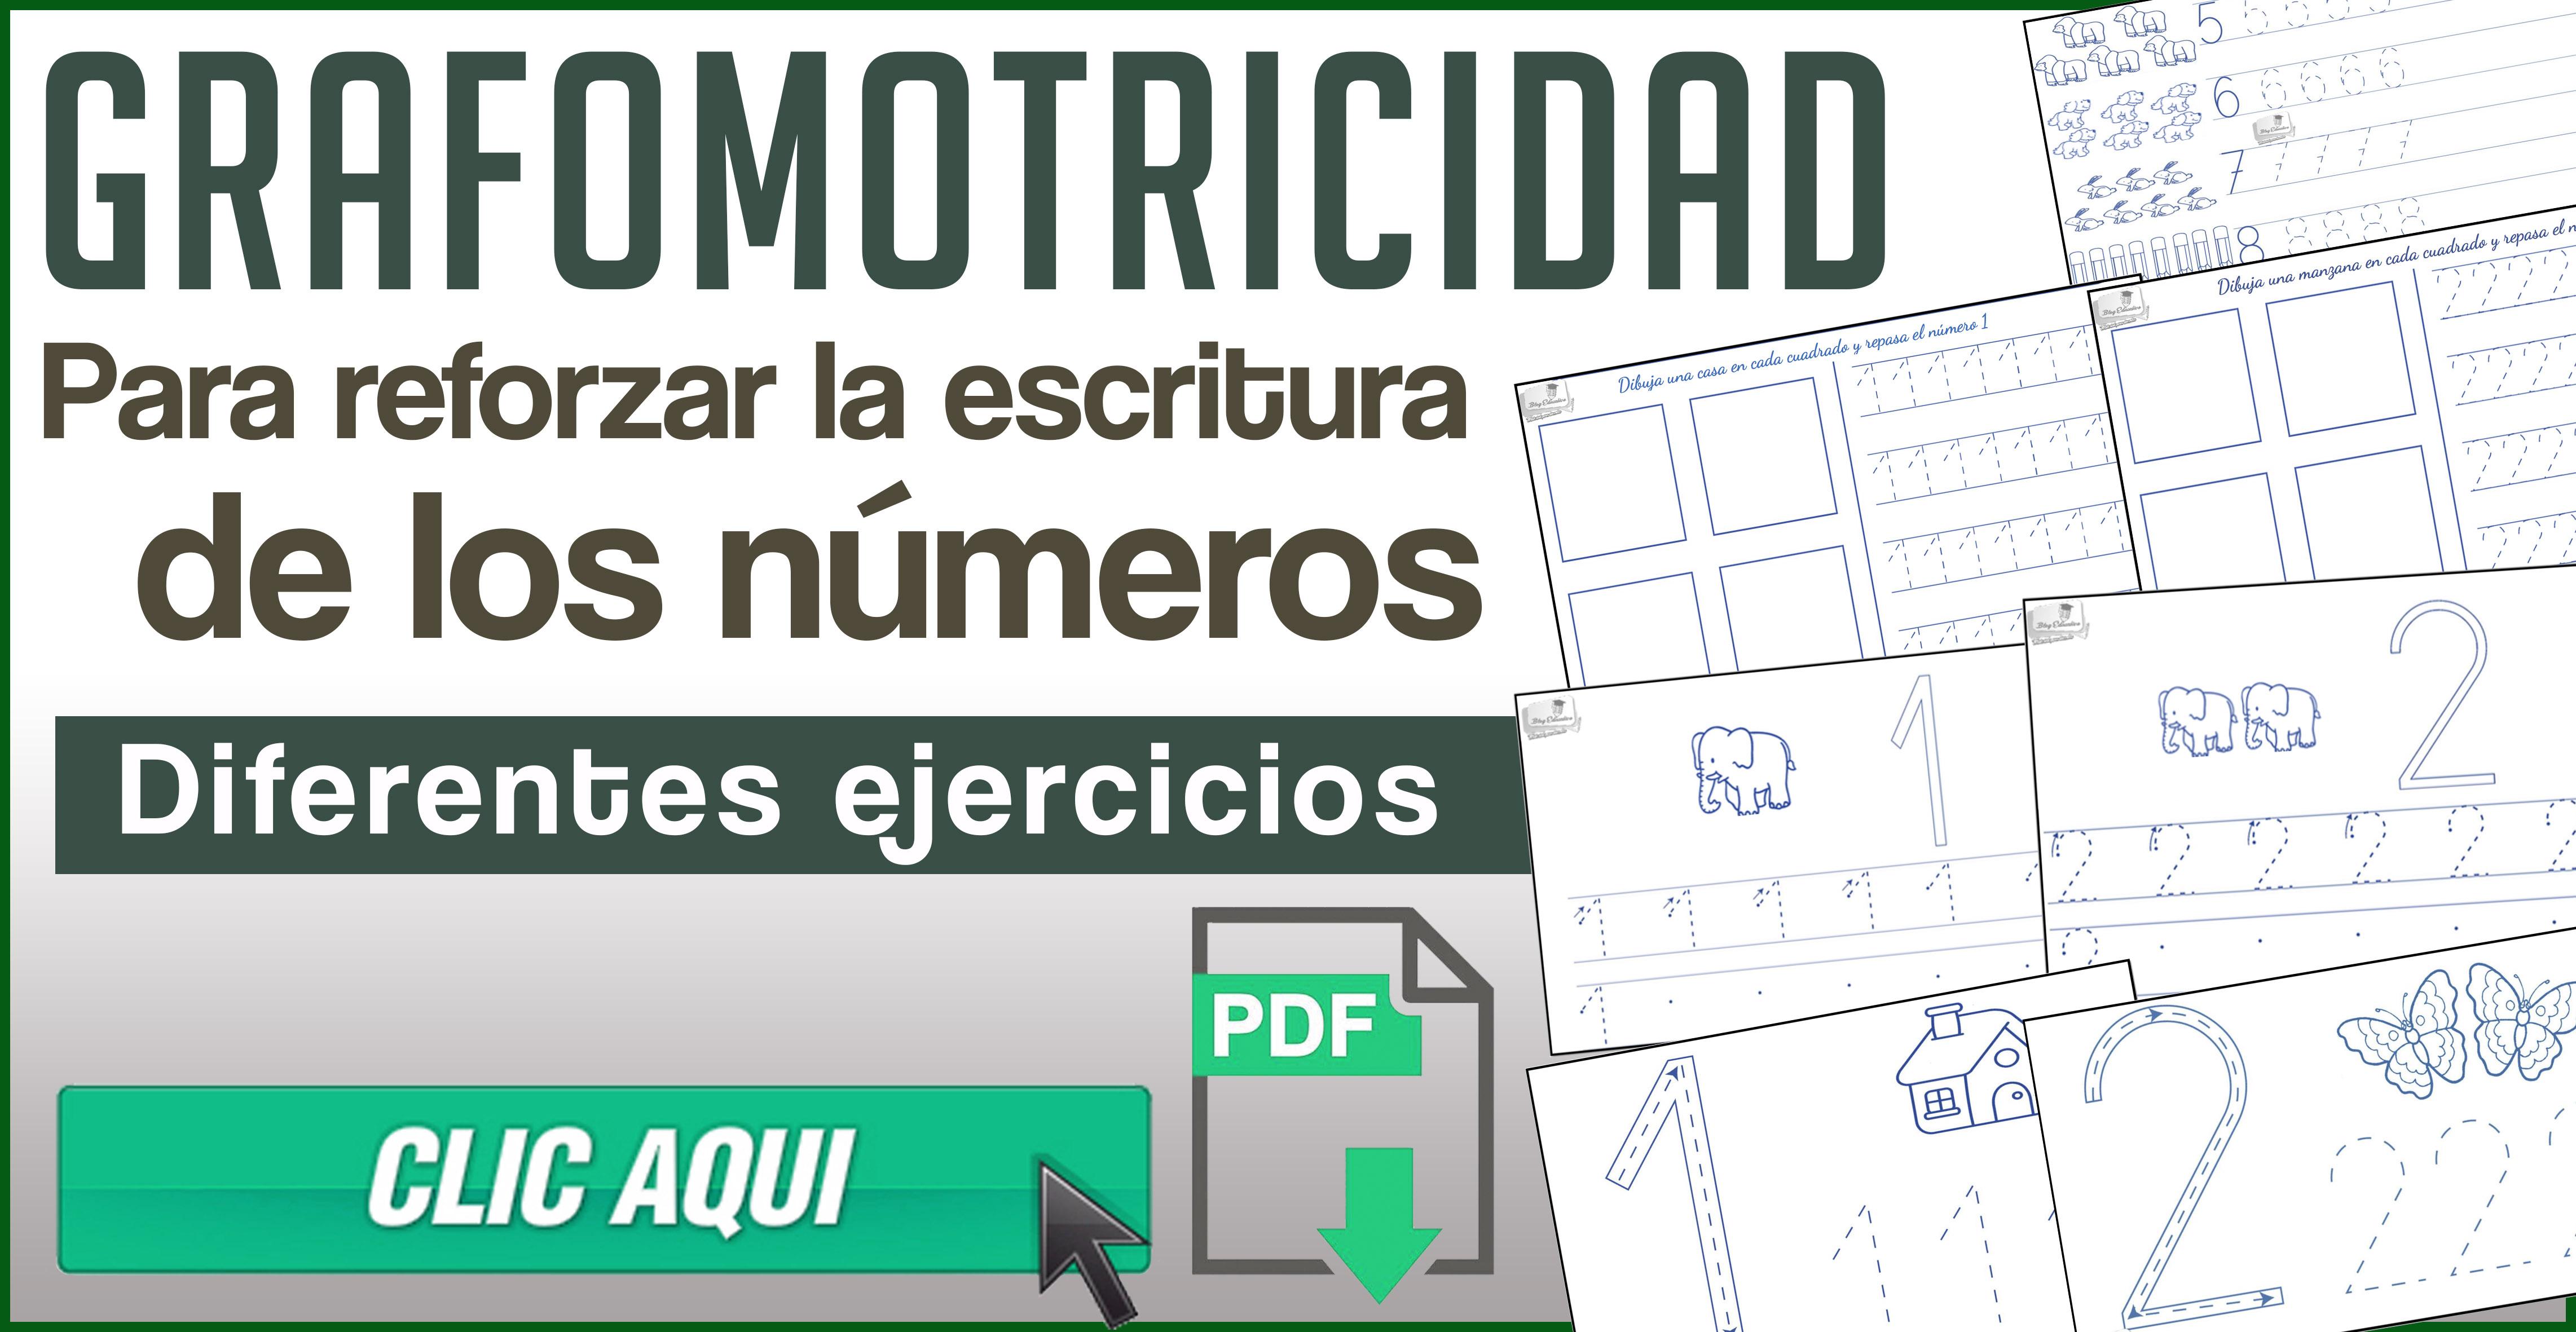 Hermosa Reanudar La Escritura De Plantillas Cresta - Ejemplo De ...